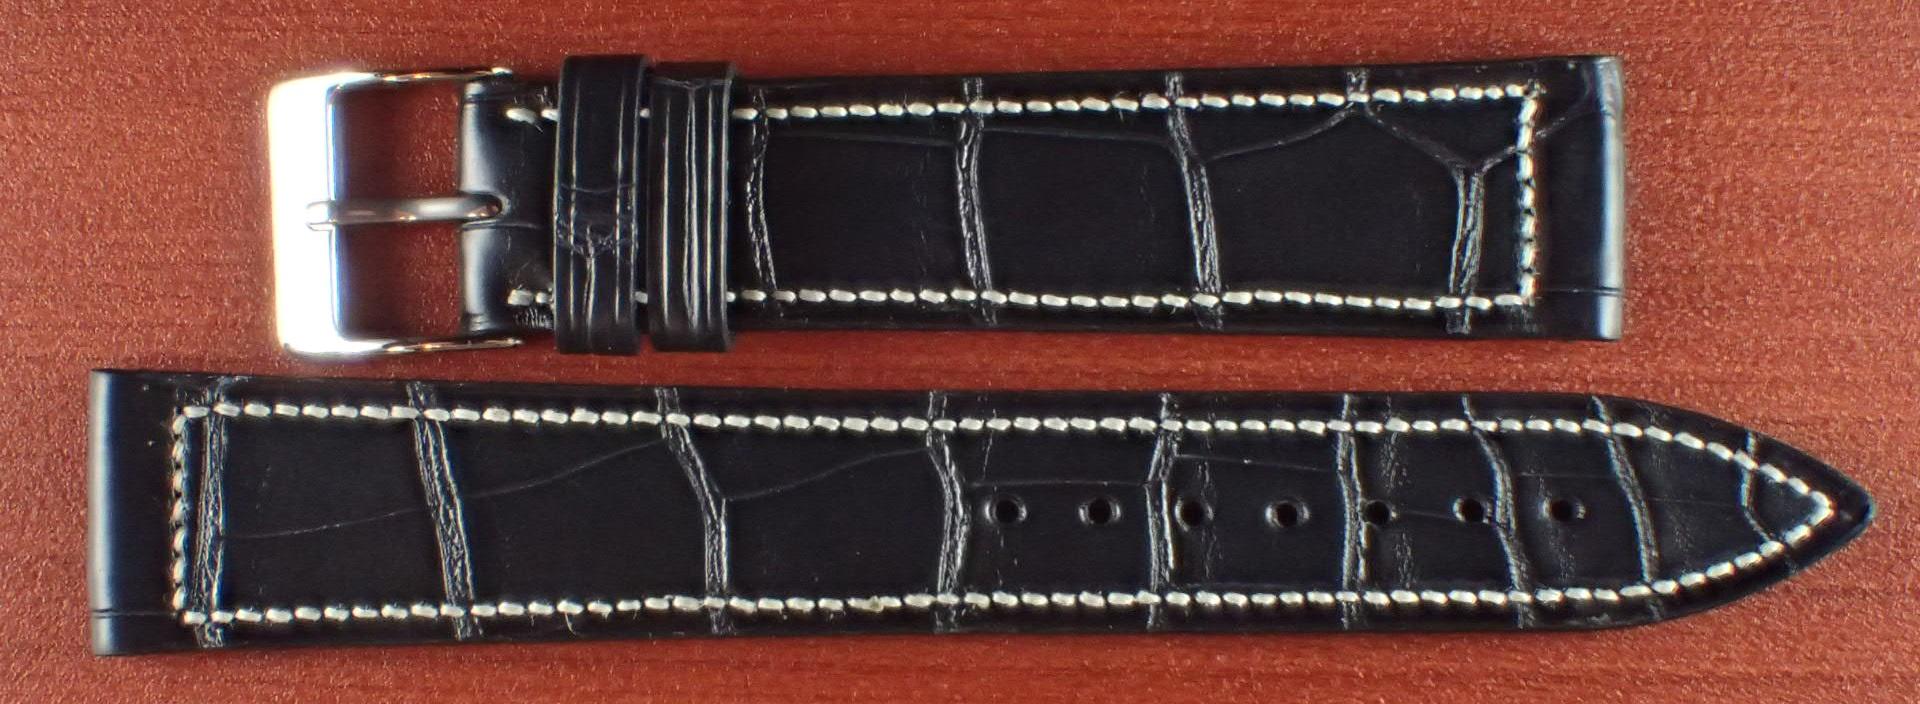 ジャン・クロード ペラン革ベルト クロコダイル ミッドナイトブルー 18mm